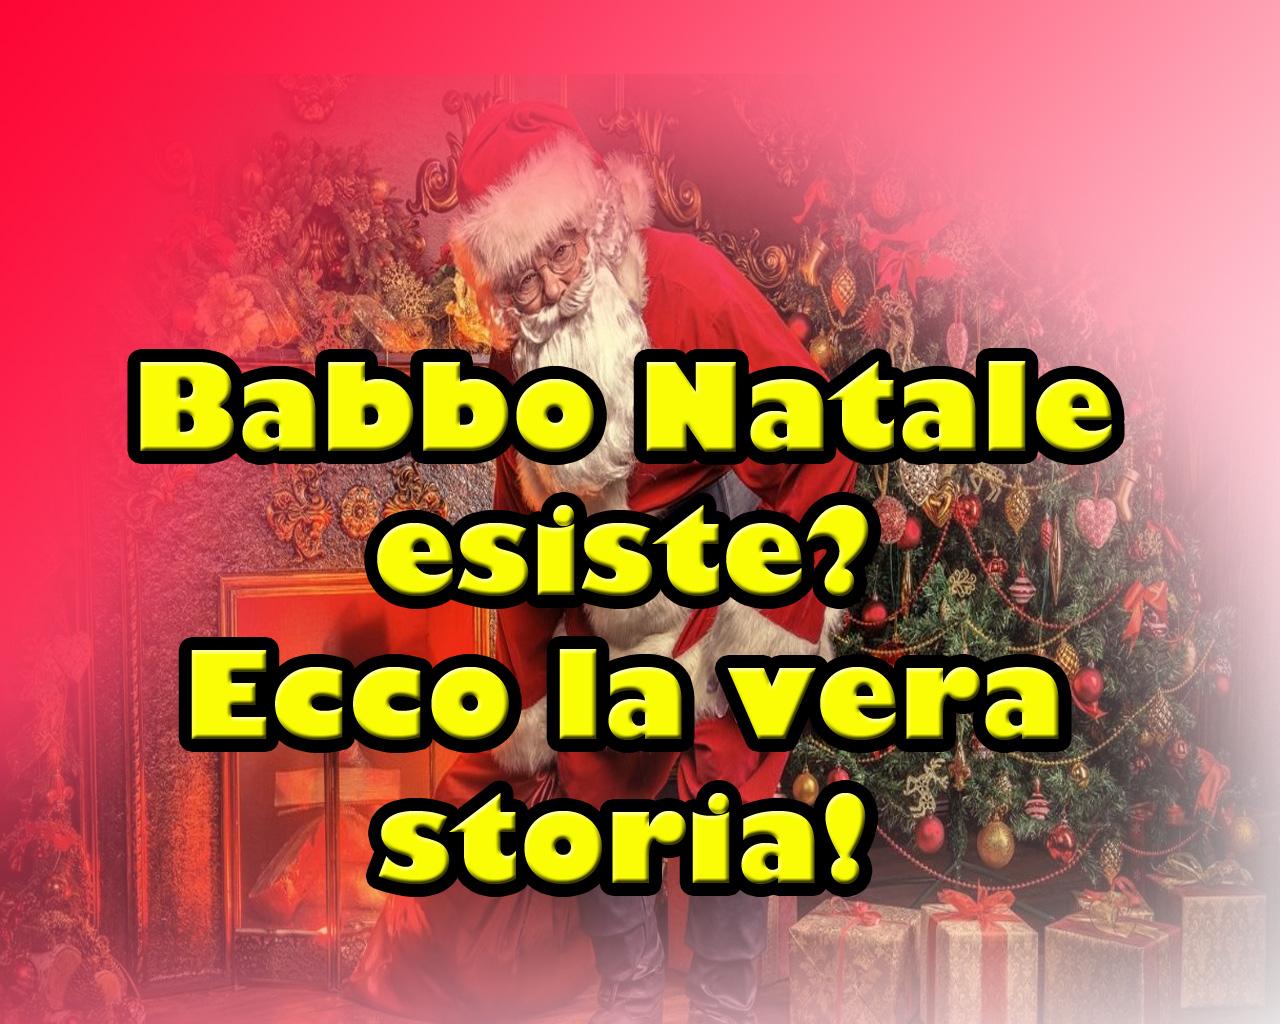 Babbo Natale esiste? Ecco la vera storia!